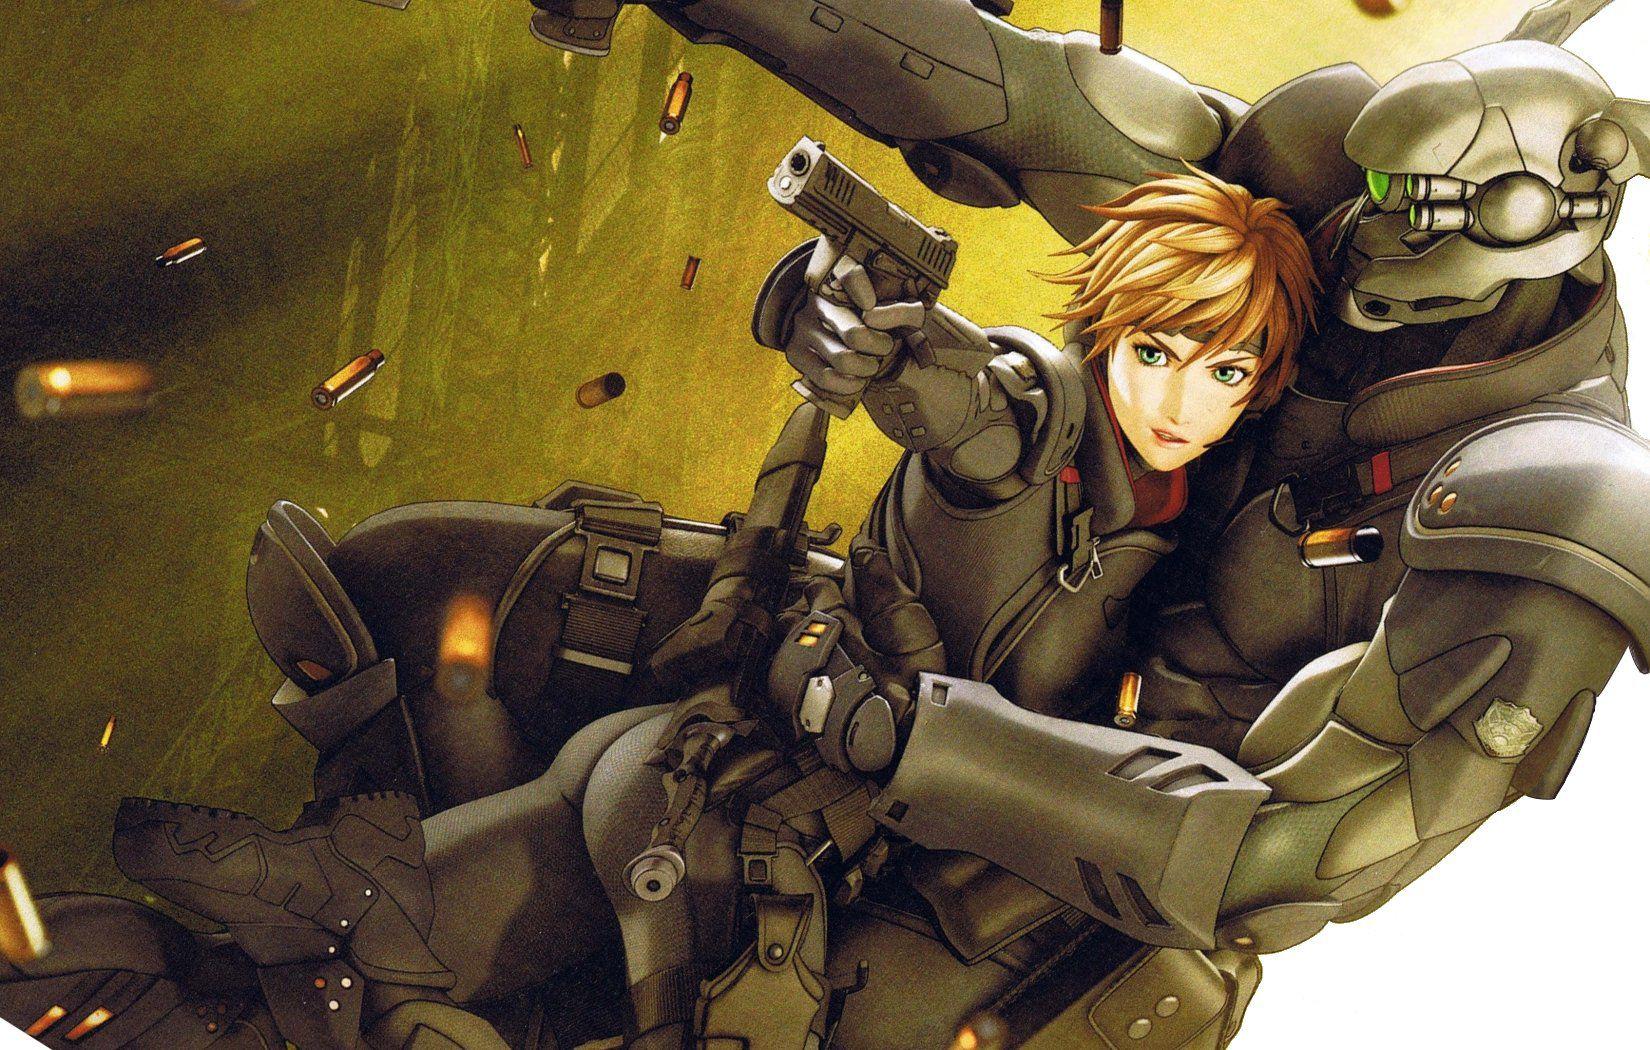 7 anime khoa học viễn tưởng cực hay cho mọt cày cuốc (6)